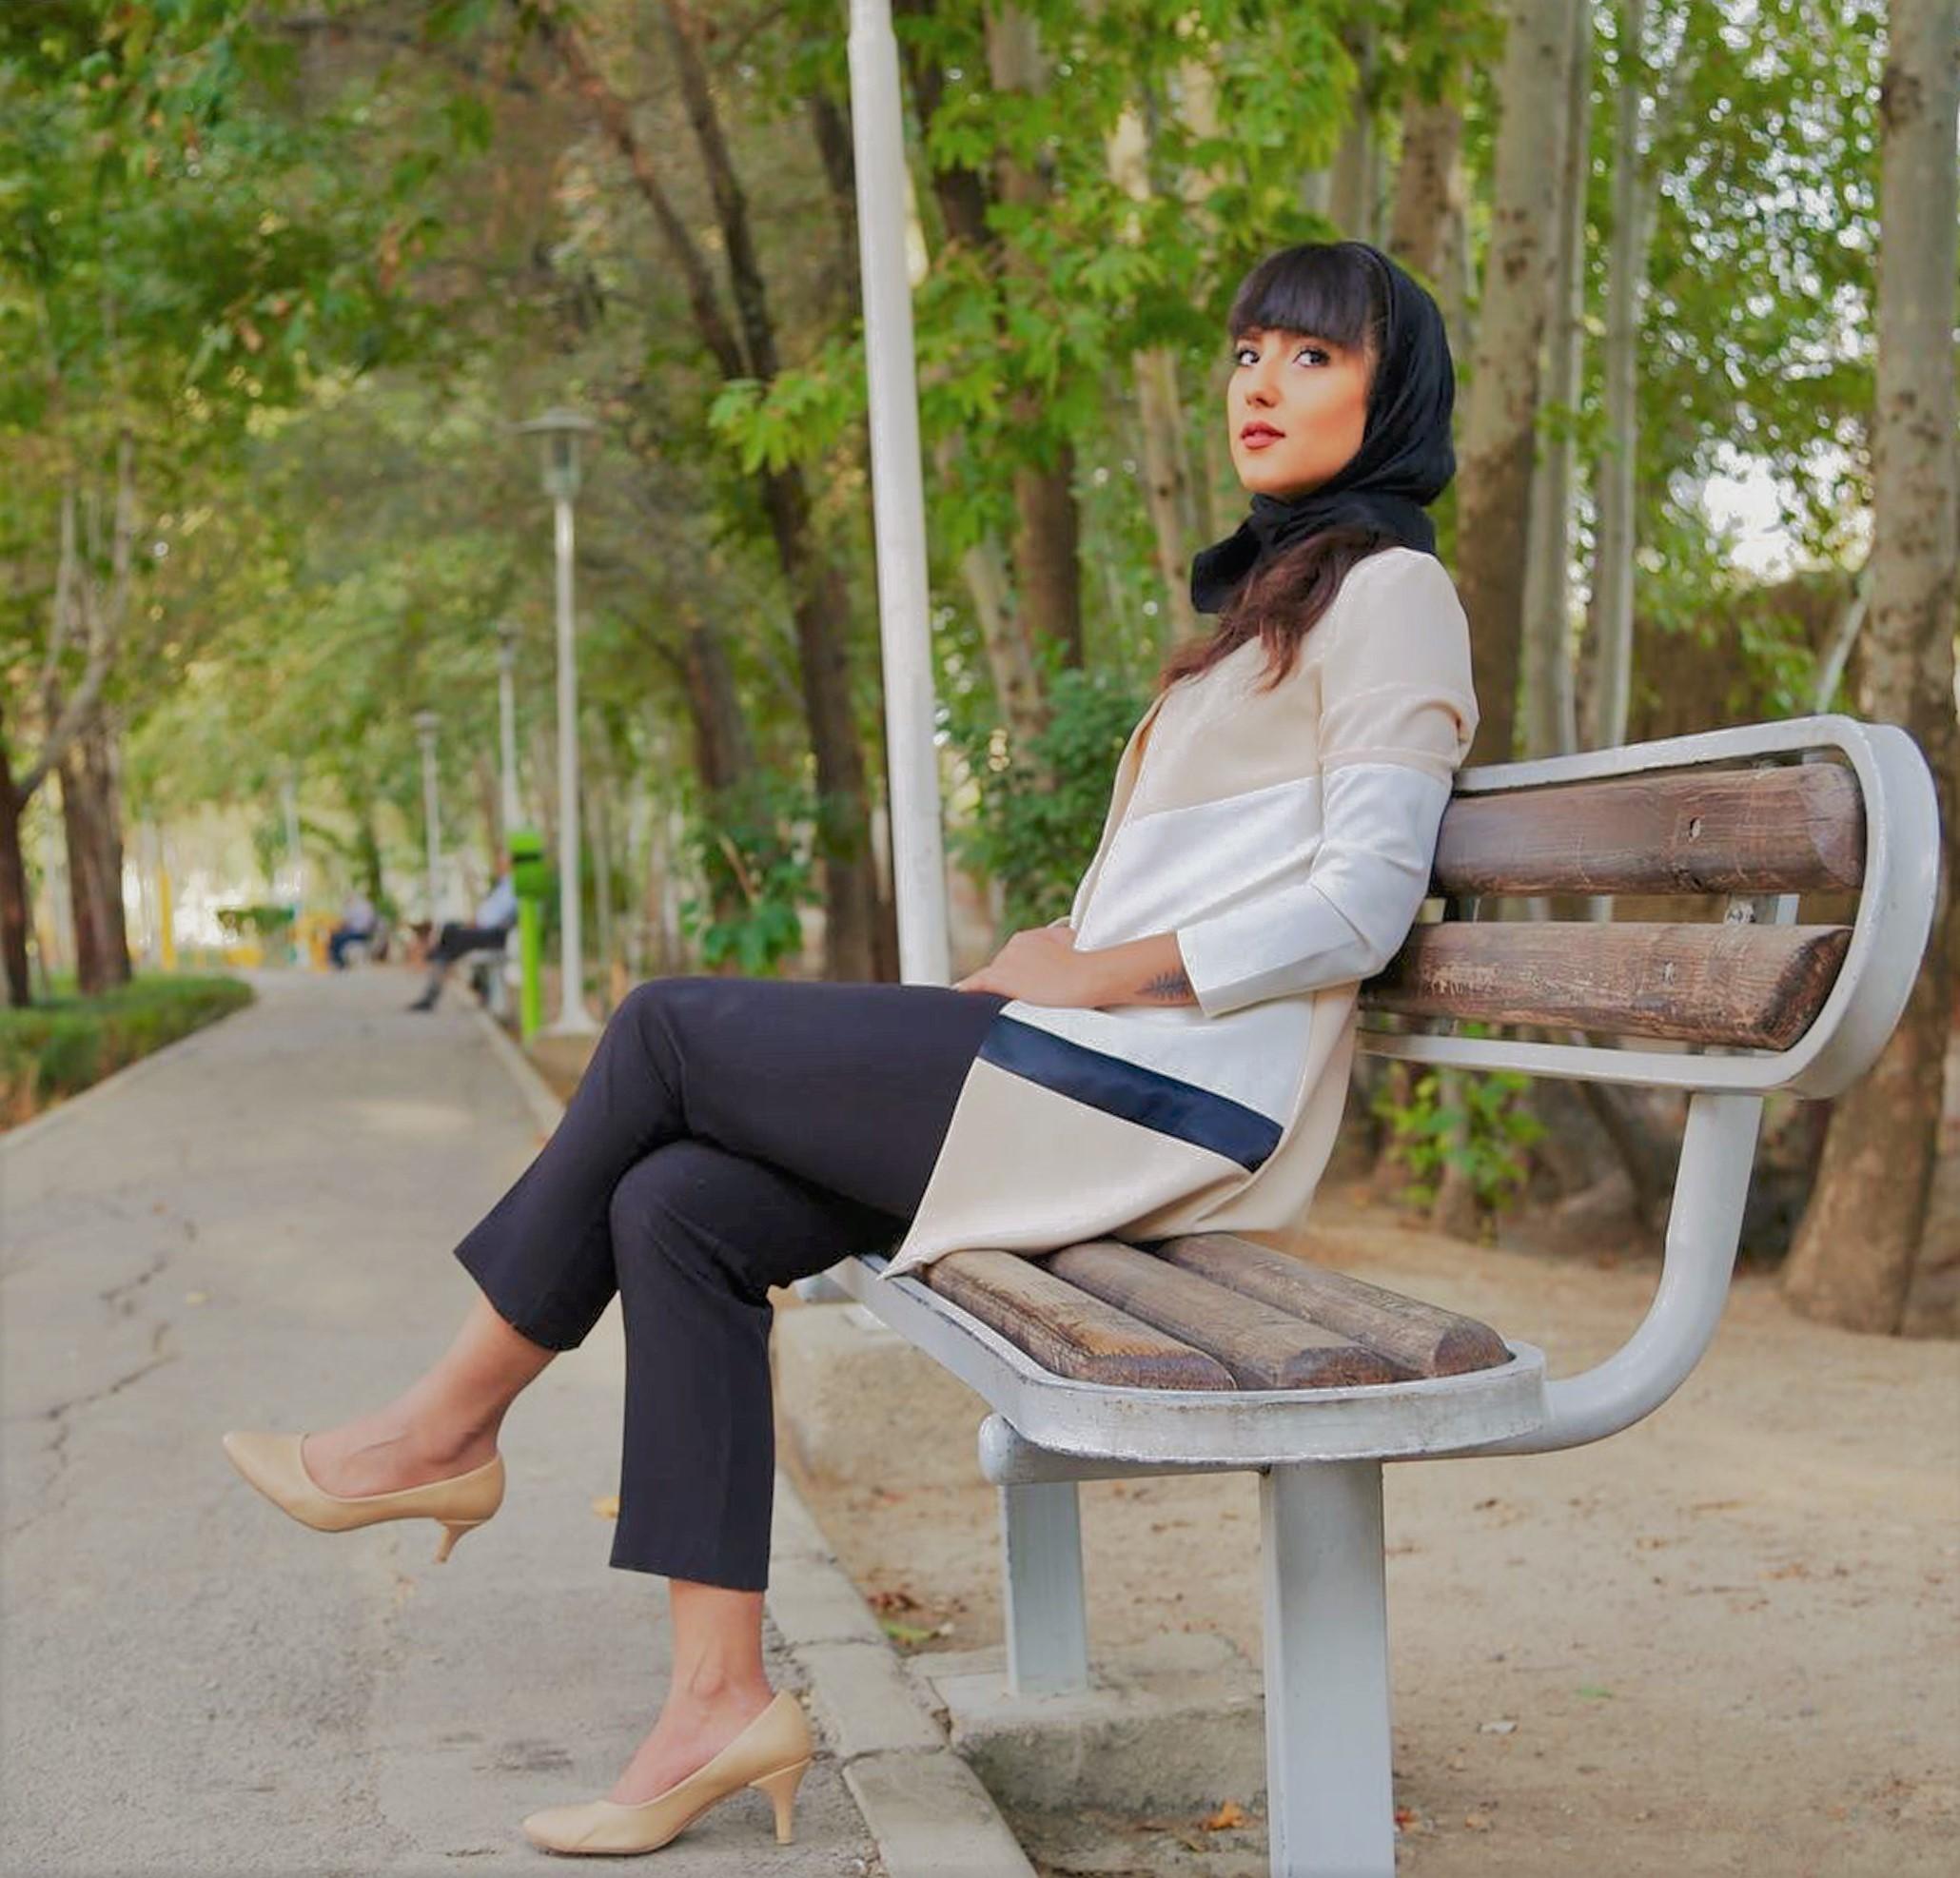 New TV program proclaims Jesus among Iranian women